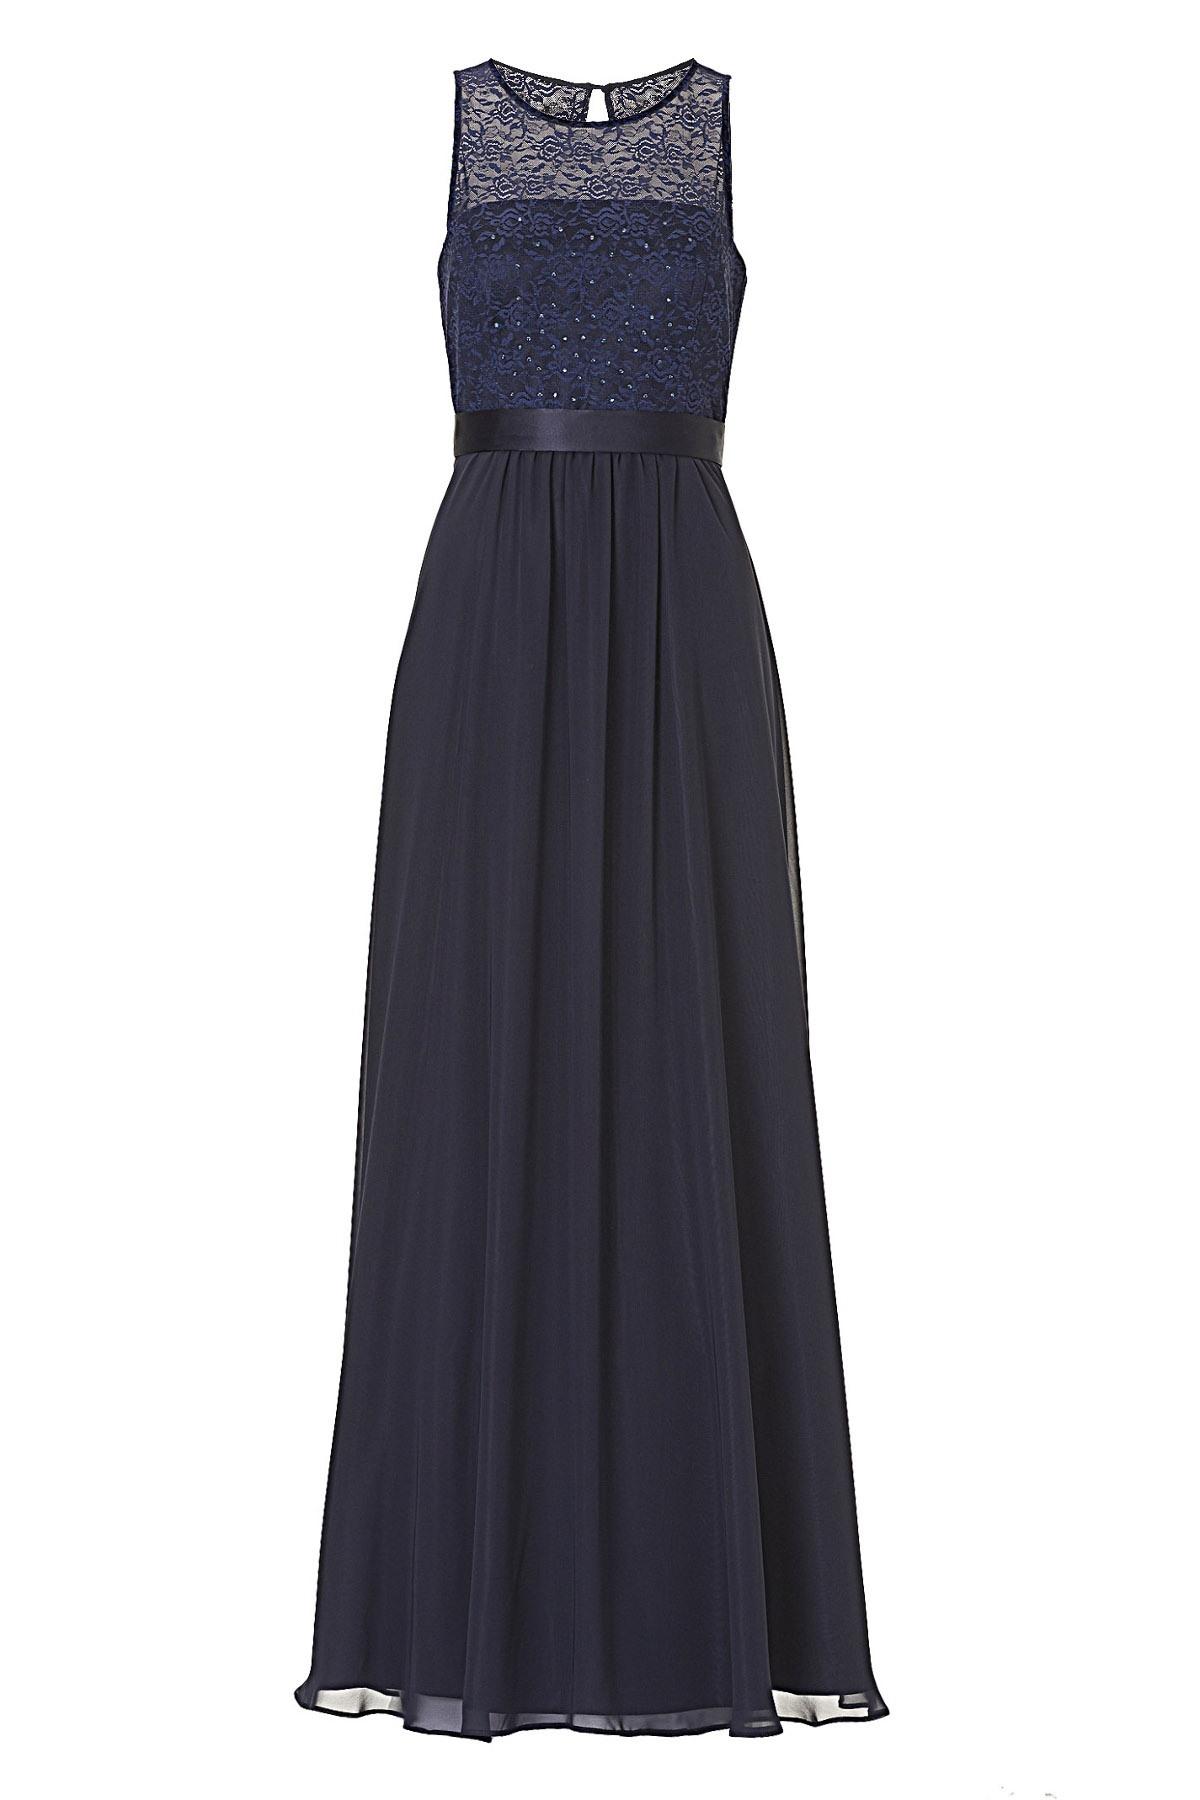 Abend Luxurius Langes Kleid Spitze für 2019Designer Ausgezeichnet Langes Kleid Spitze Bester Preis